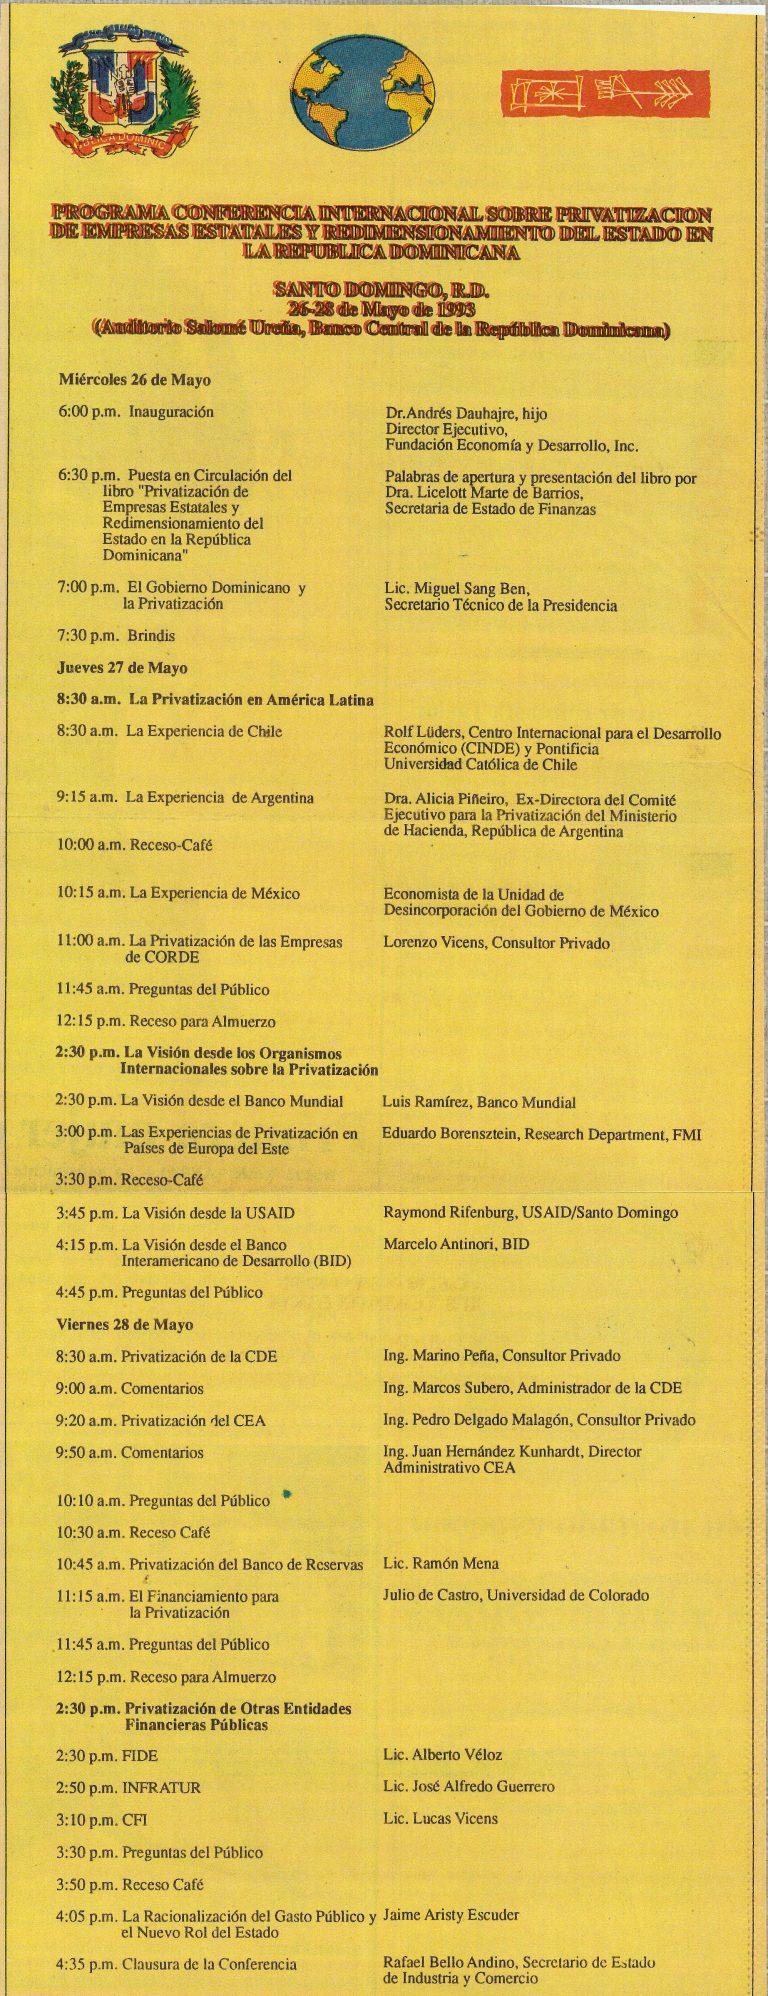 Programa de la Conferencia Internacional sobre Privatización de Empresas Estatales y Redimensionamiento del Estado en la República Dominicana, organizada por la Fundación Economía y Desarrollo, Inc., el Centro Internacional para el Desarrollo Económico (CINDE), el Gobierno Dominicano representado por la Secretaría de Finanzas, el Secretariado Técnico de la Presidencia y la Secretaría de Industria y Comercio, con la participación de economistas del BID, el Banco Mundial y la USAID, en Santo Domingo, 26-28 de mayo de 1993.